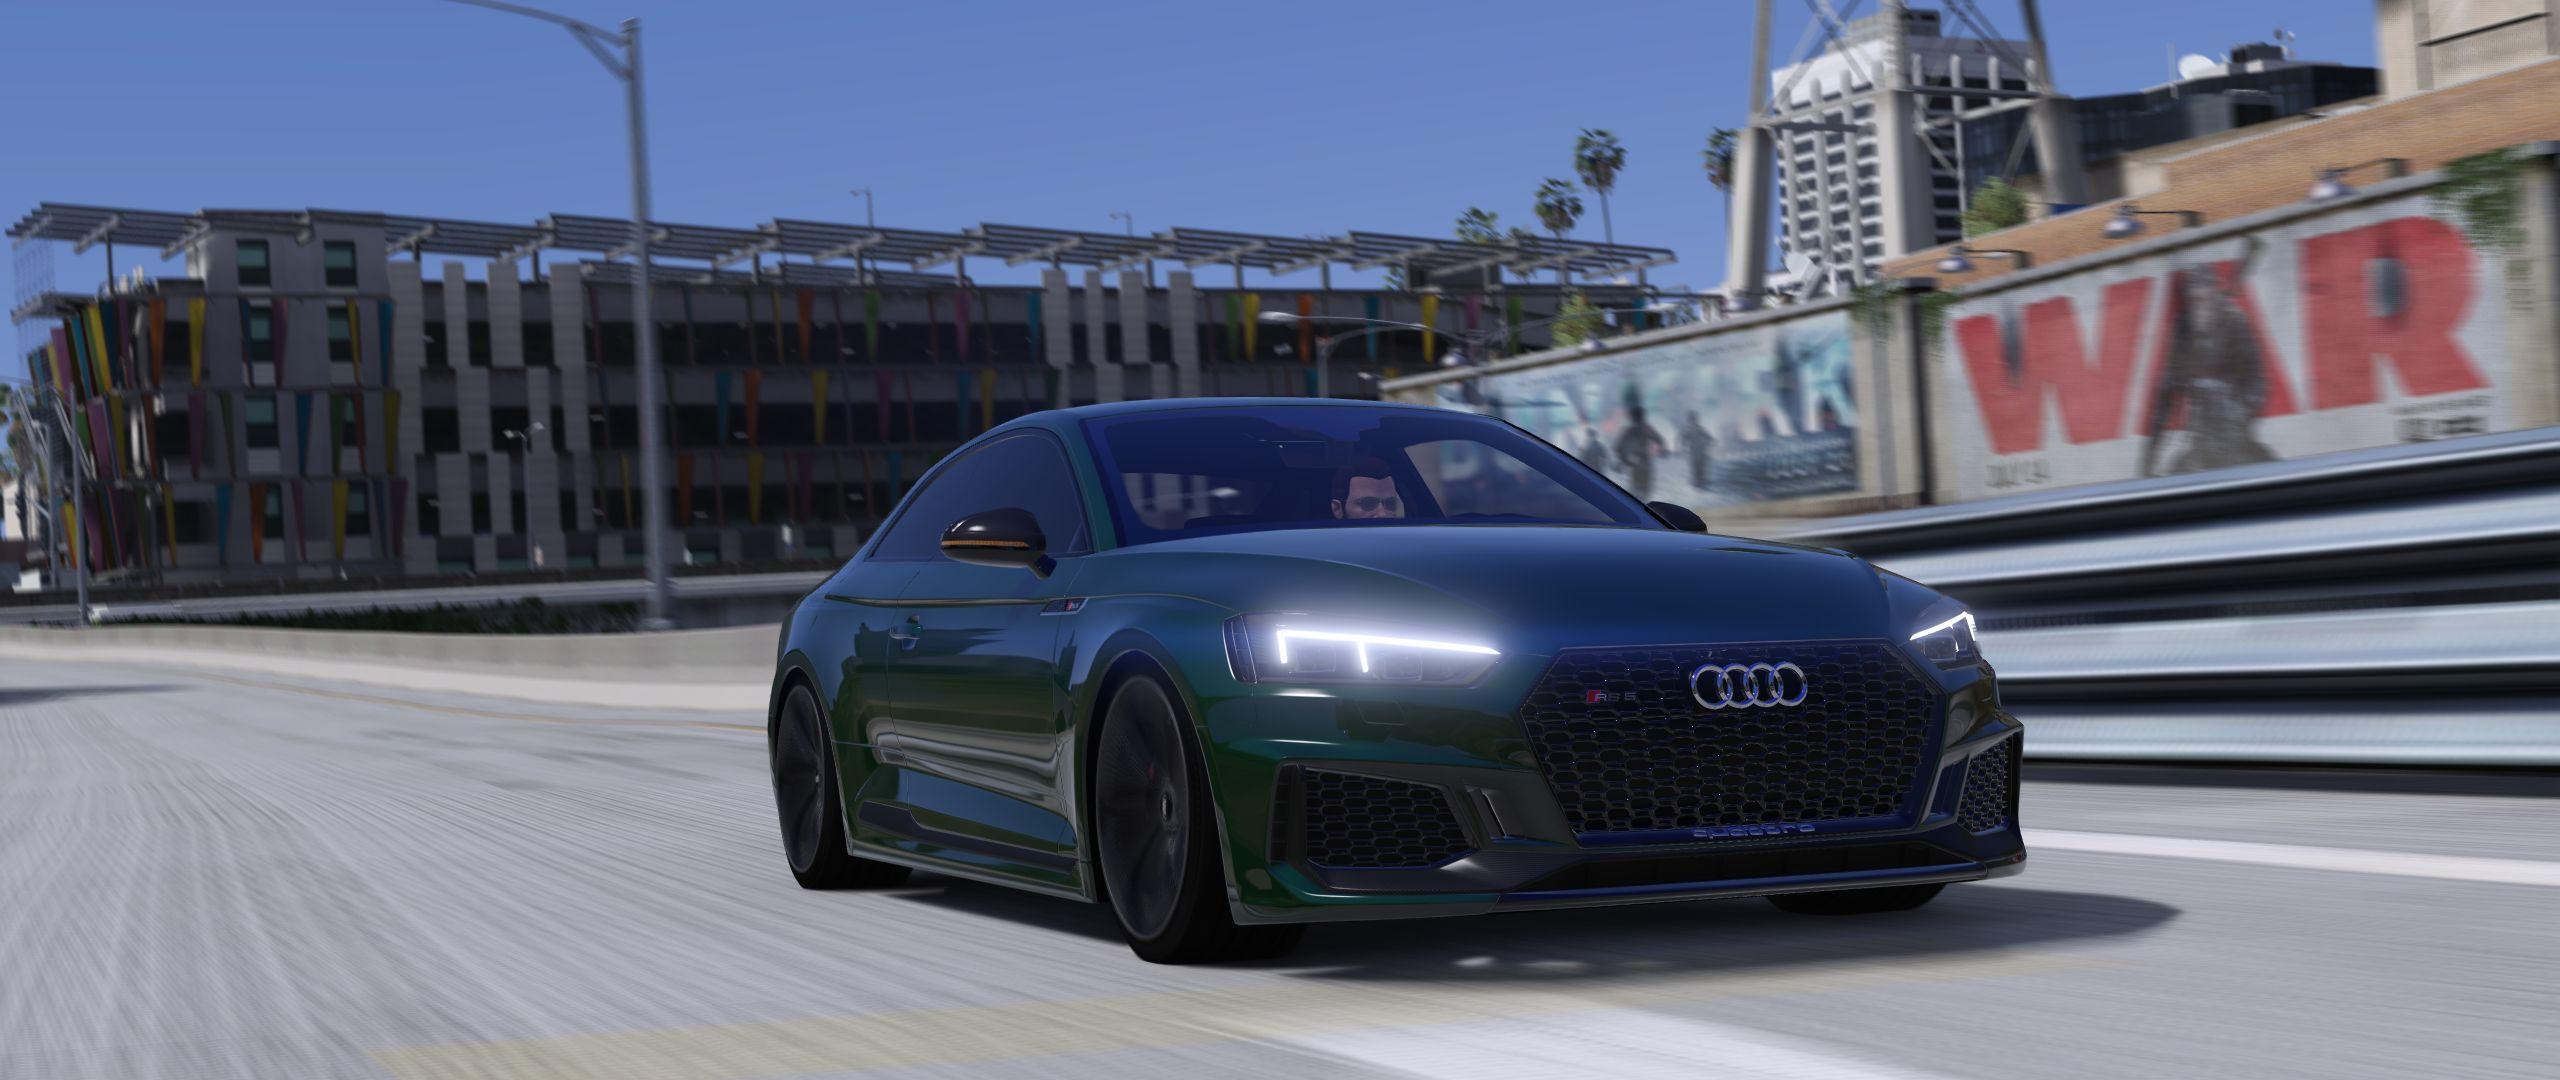 Audi RS5 2018 [Add-on] - GTA5-Mods com